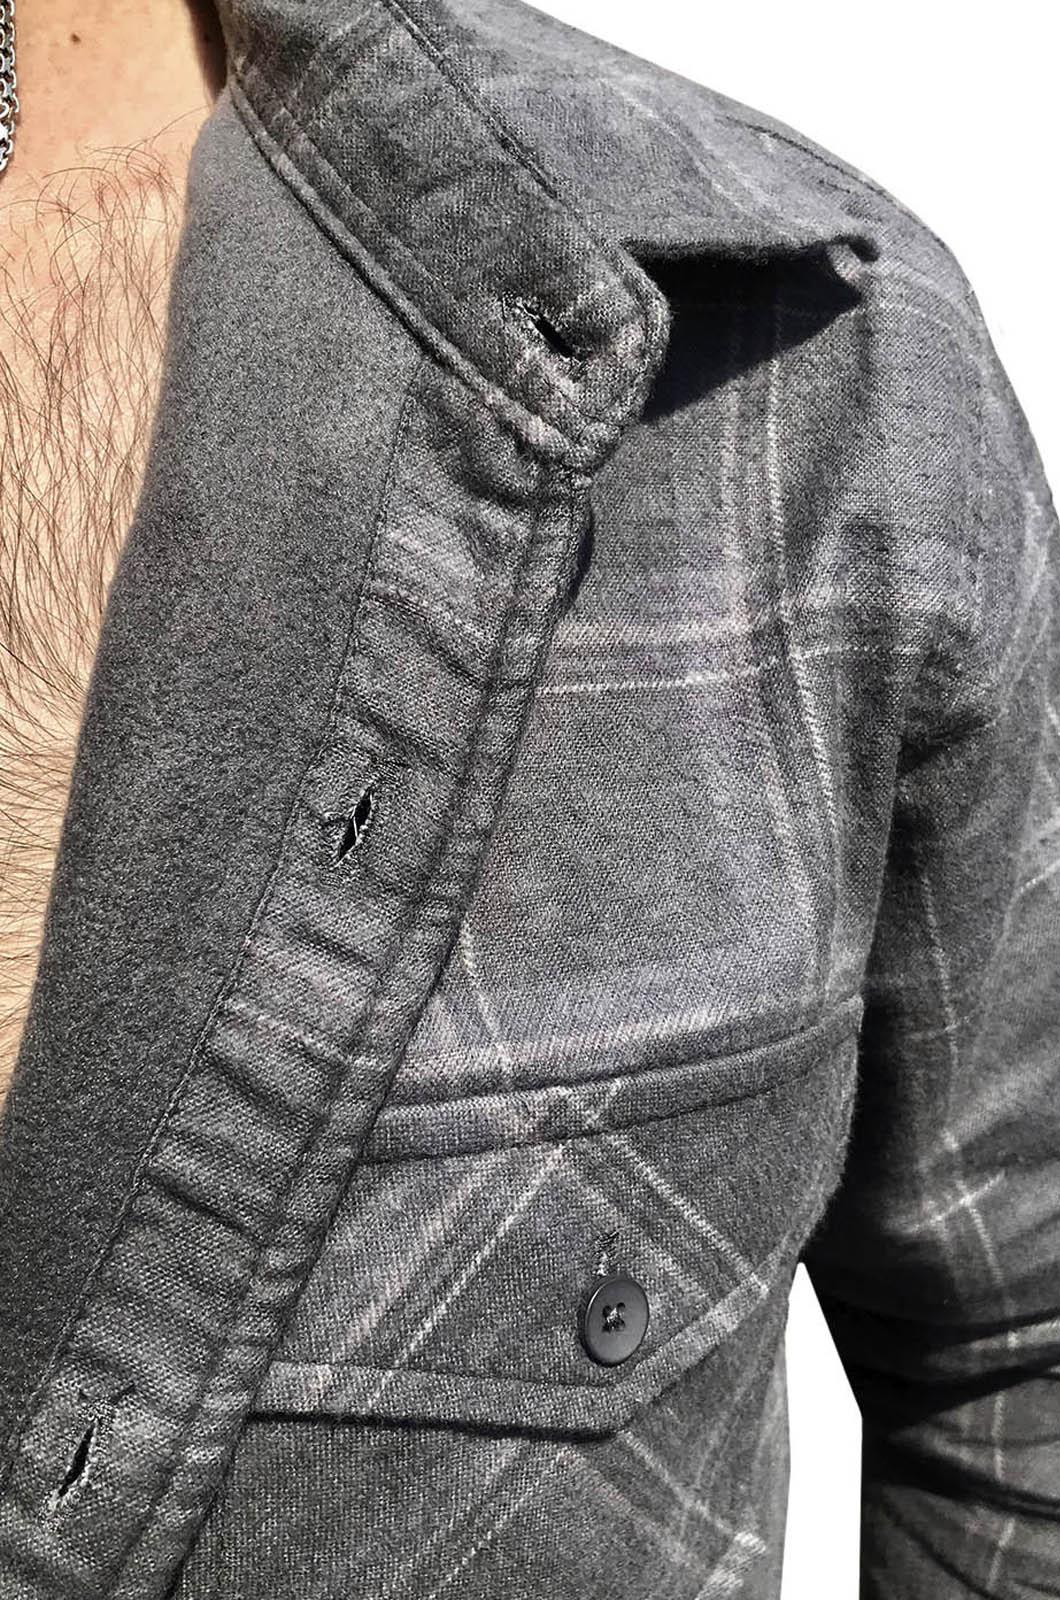 Практичная мужская рубашка с вышитым шевроном Германия - купиь по низкой цене